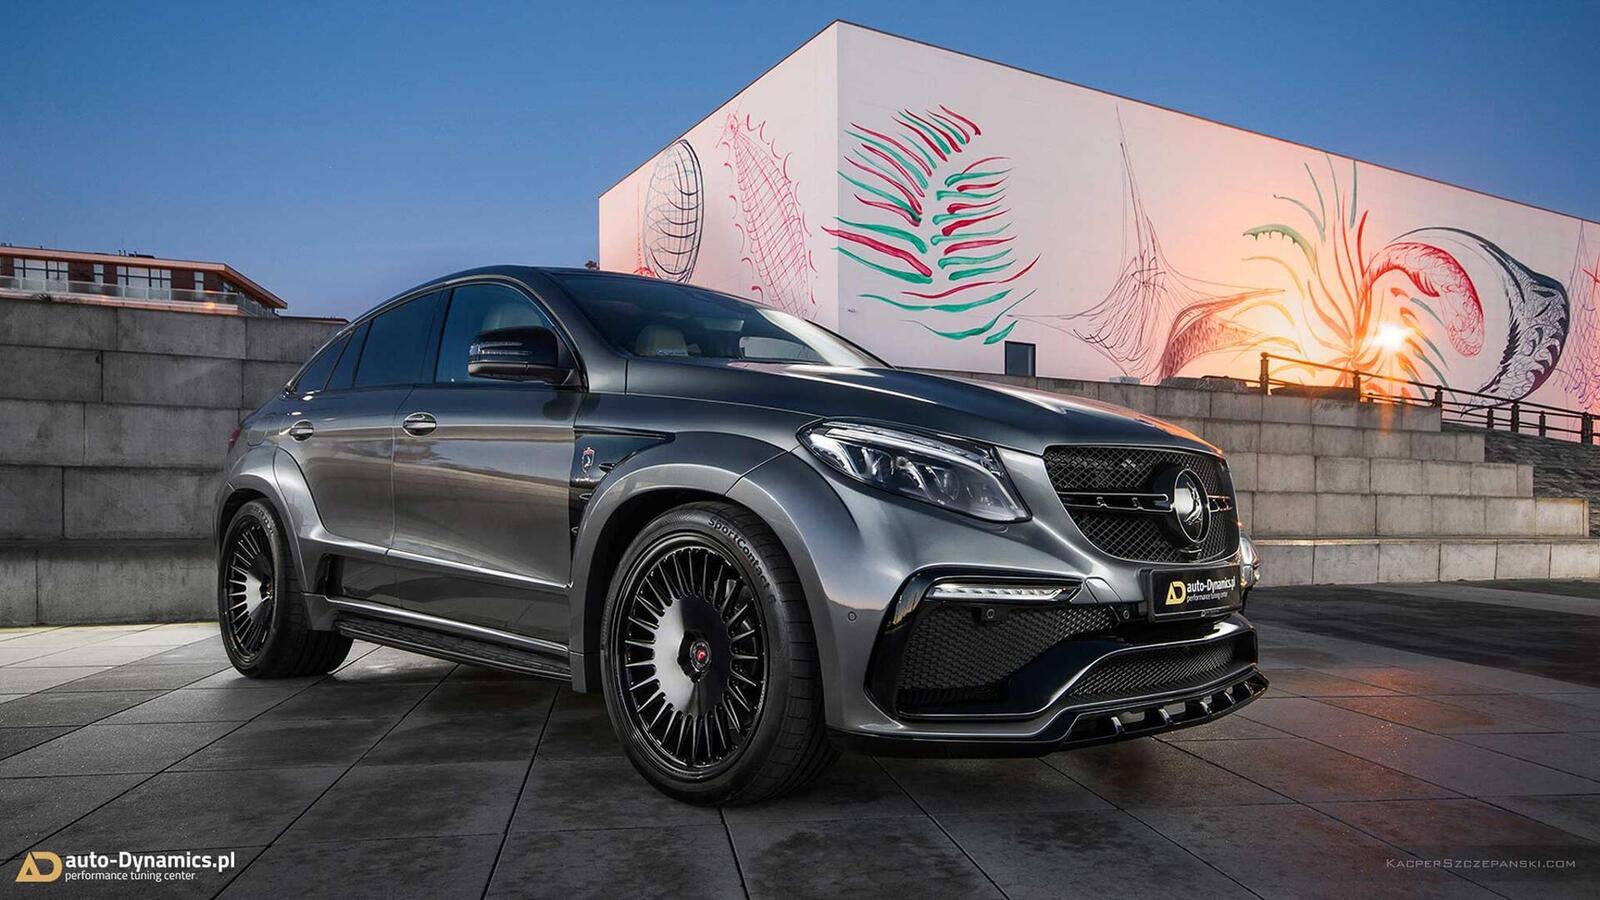 Mercedes-AMG GLE 63 S Coupe độ công suất lên 795 mã lực; tăng tốc 0-100 km/h trong 3,25 giây - Hình 12